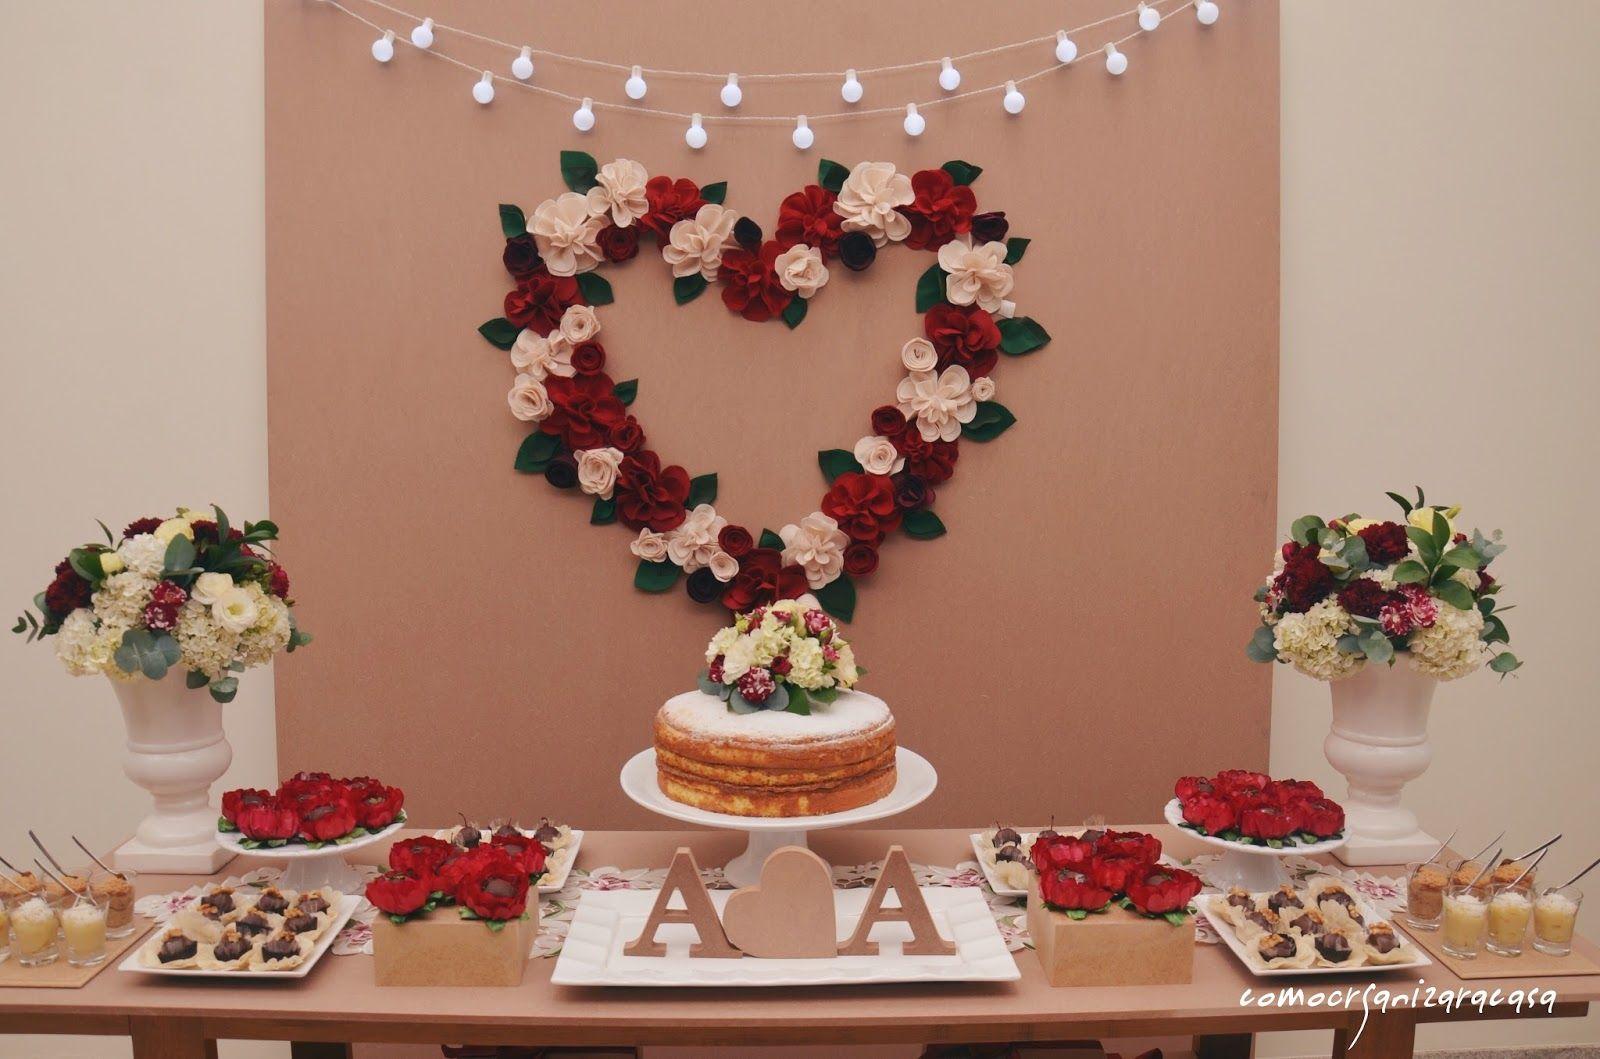 Decoraç u00e3o de noivado Confira AQUI dicas incríveis para os preparativos! -> Decoração De Noivado